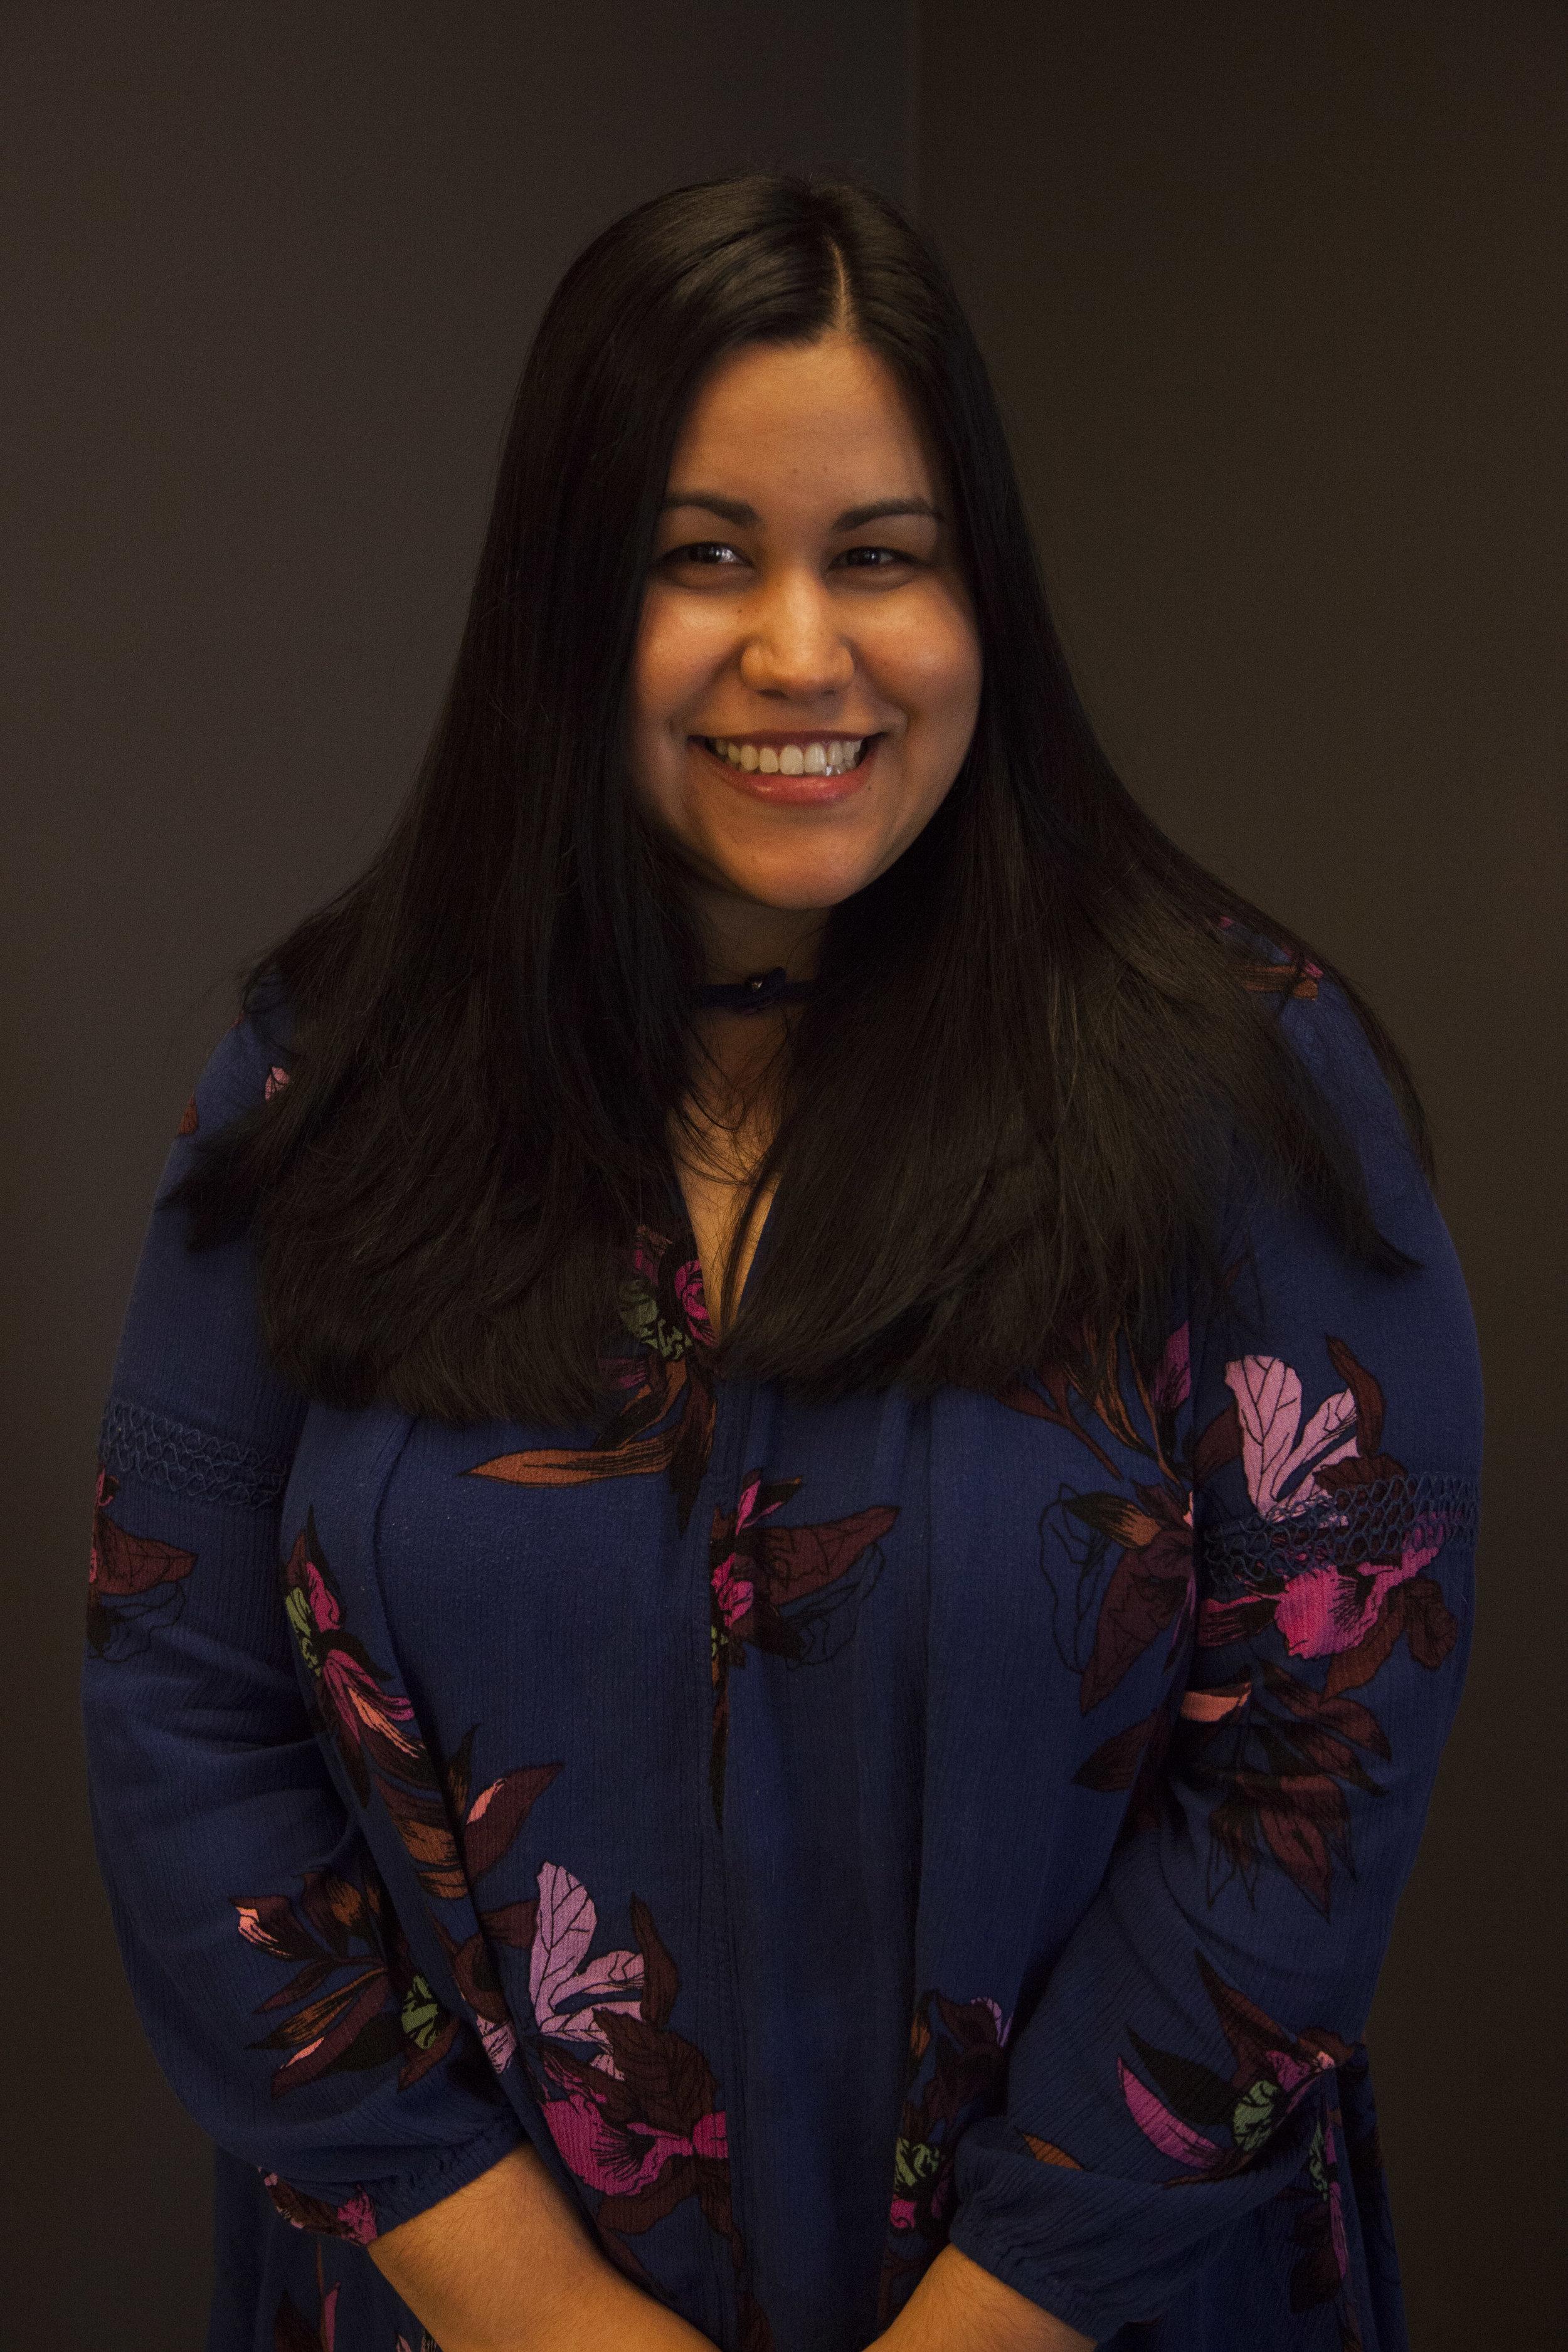 Marisa Acevedo